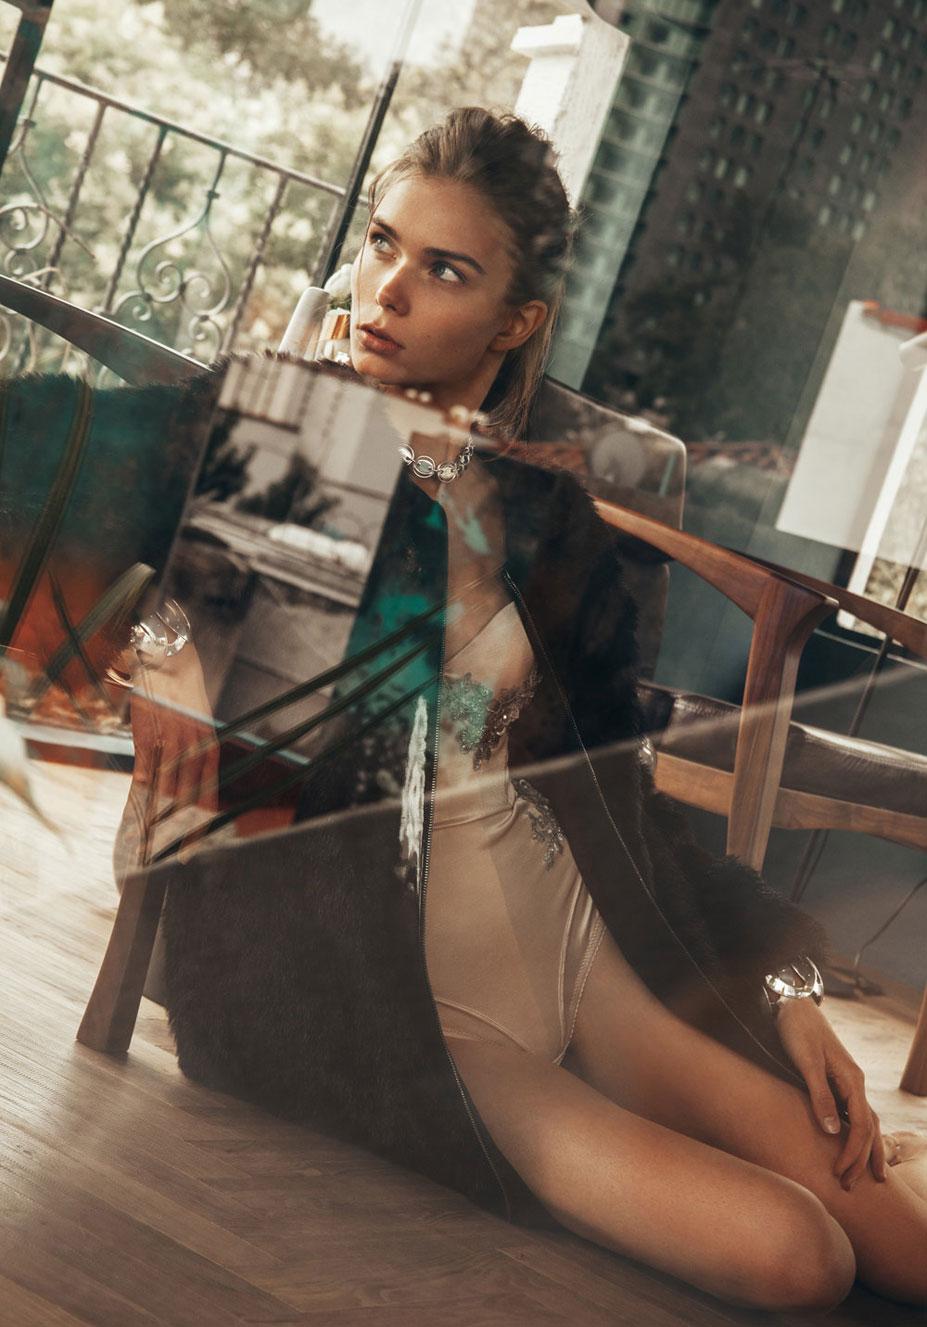 Анна Штольц тестирует модную одежду / фото 08